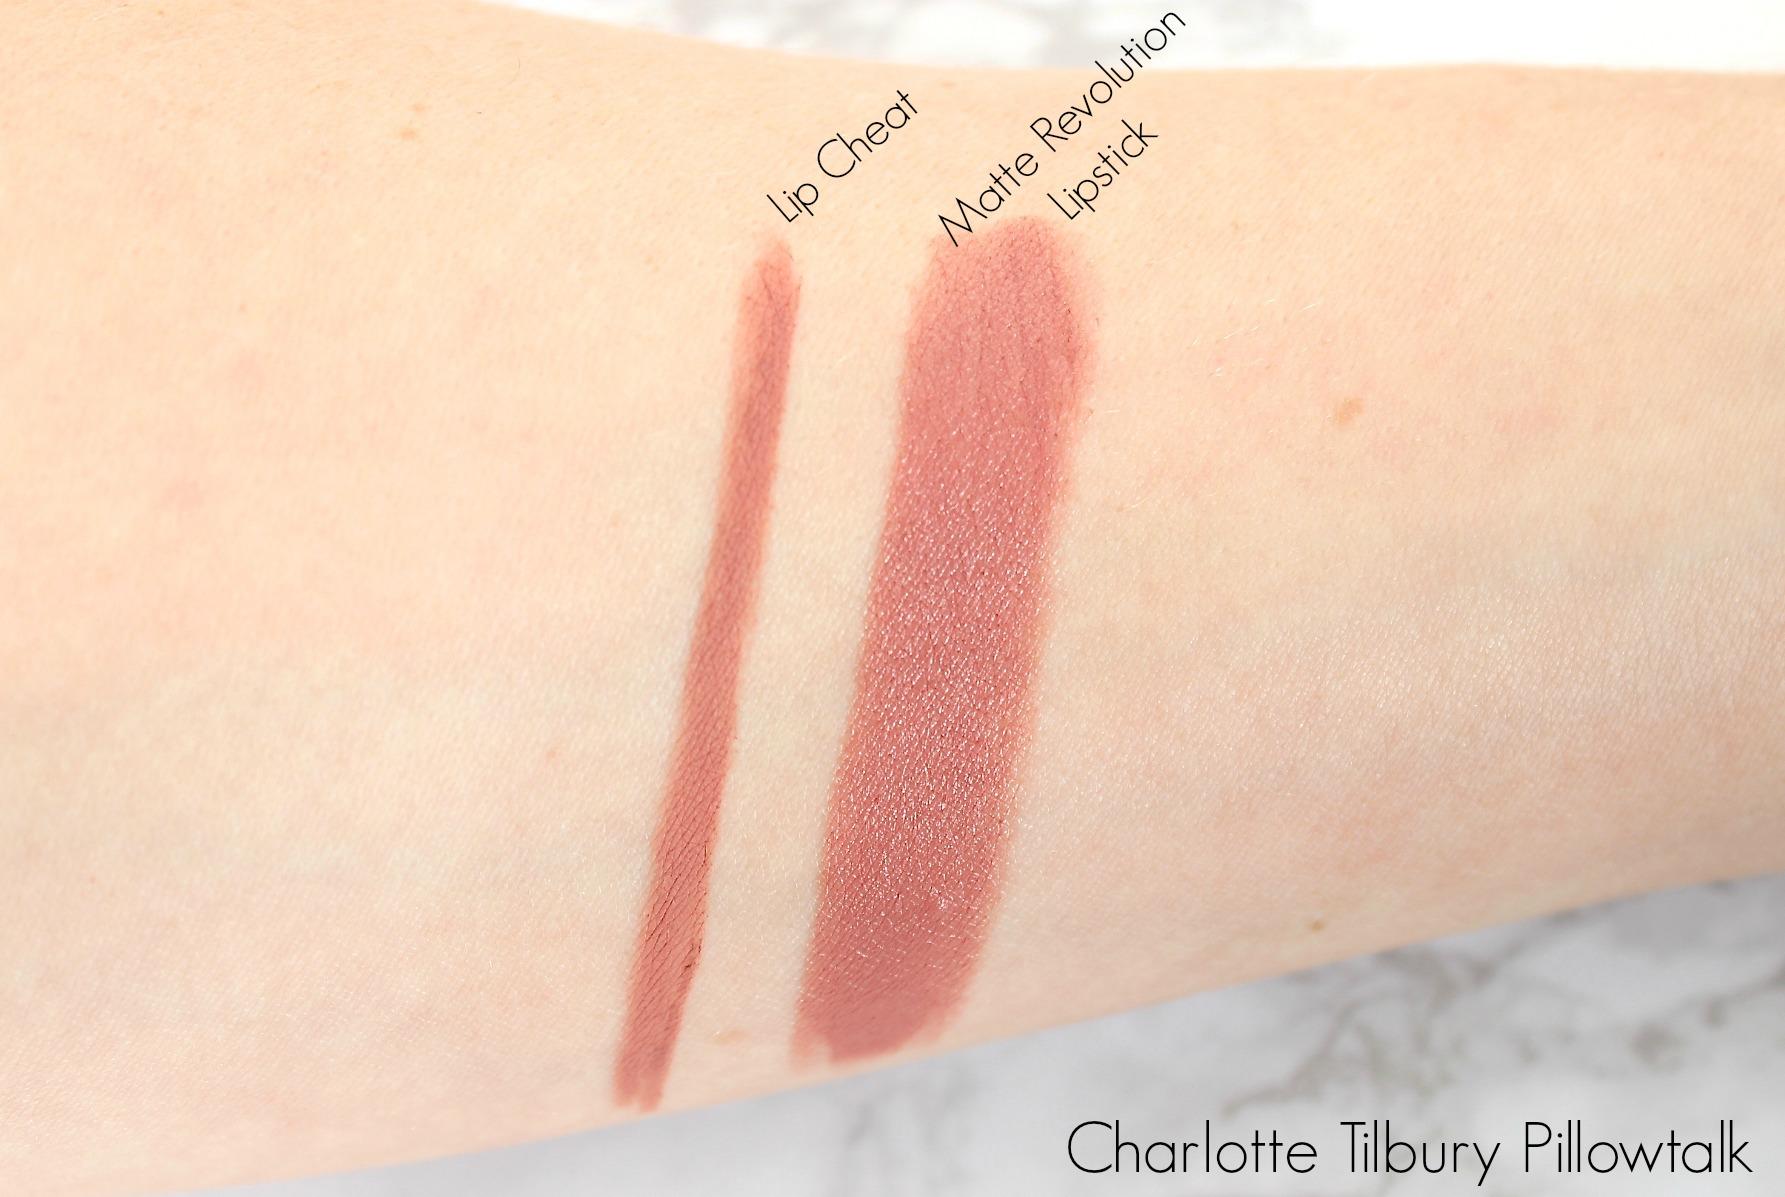 Charlotte Tilbury Pillowtalk Lipstick A Little Pop Of Coral